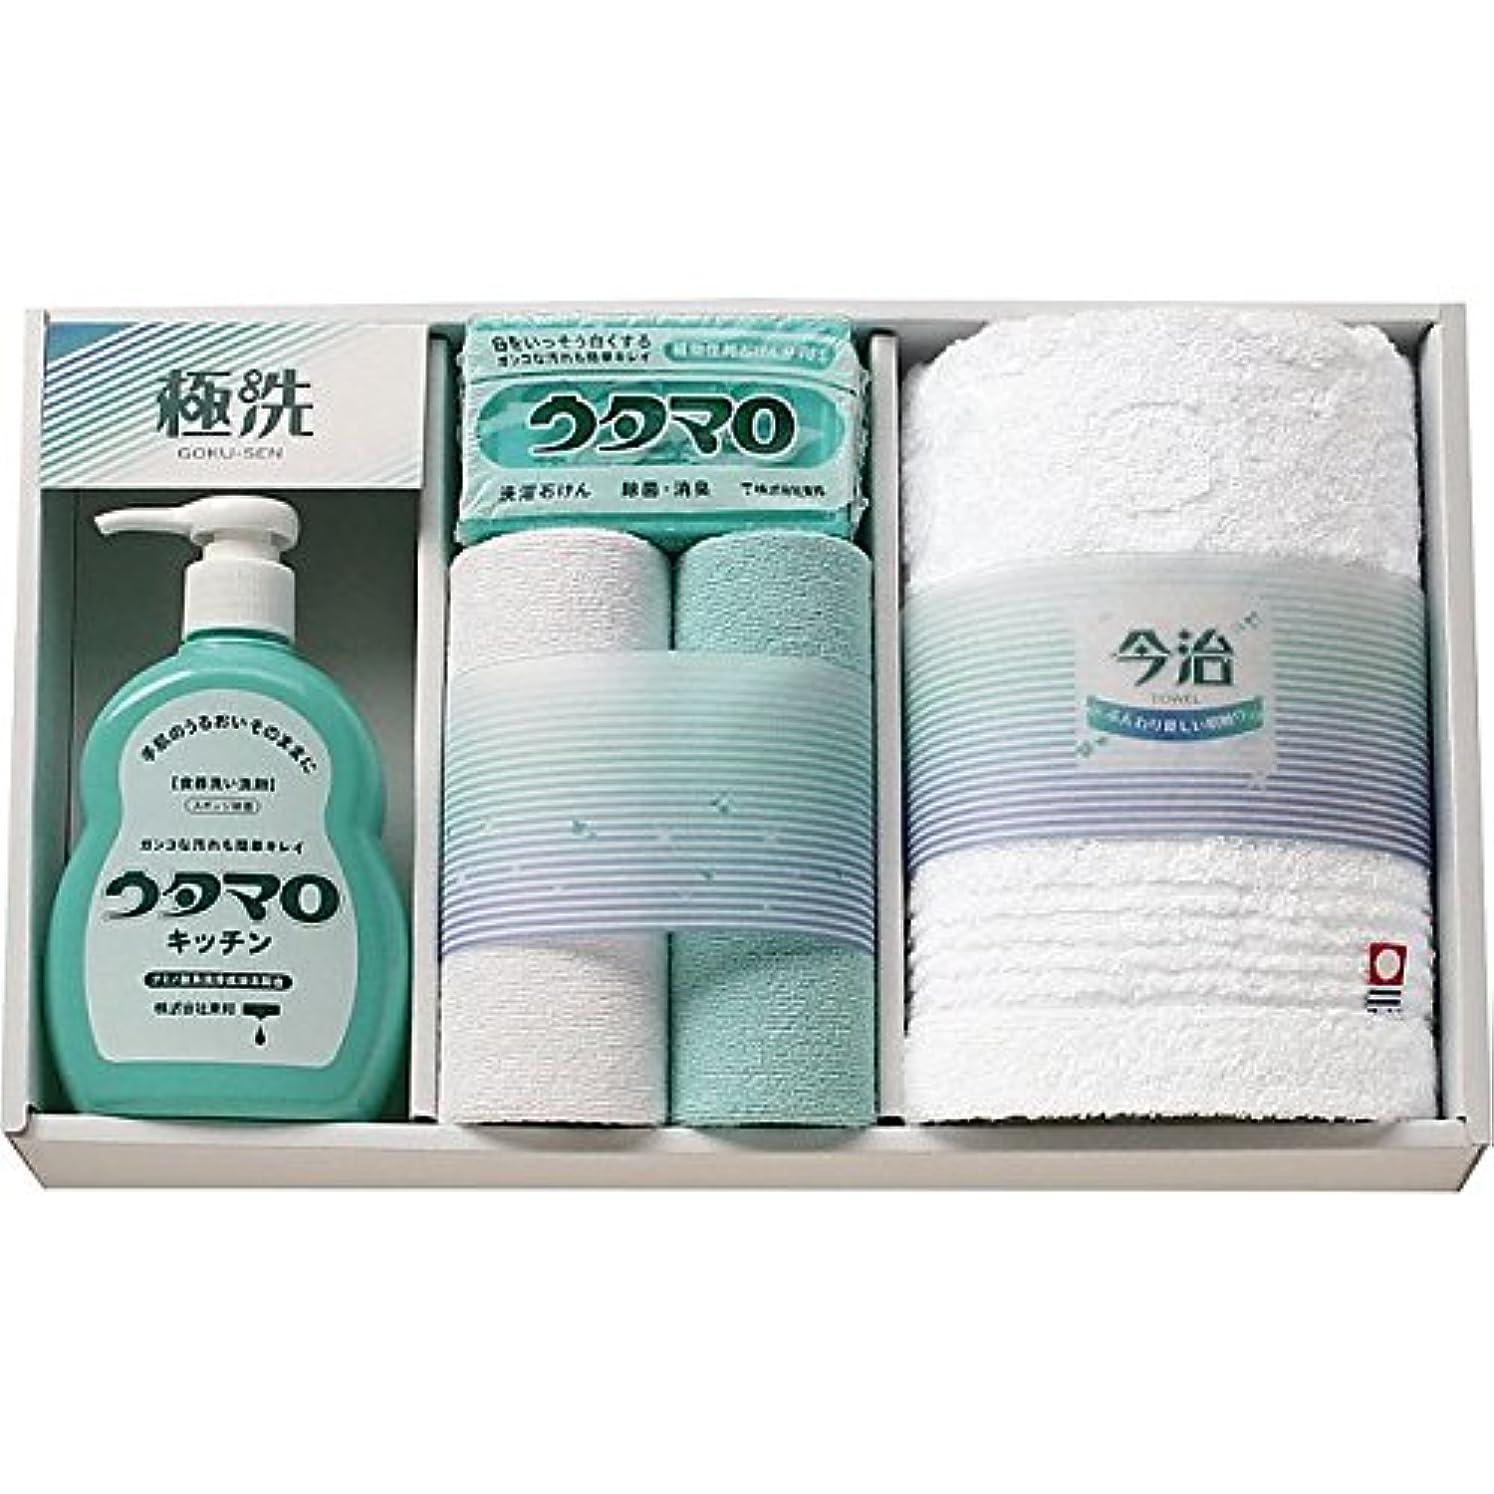 注ぎます交渉する放散する( ウタマロ ) 石鹸?キッチン洗剤ギフト ( 835-1055r )